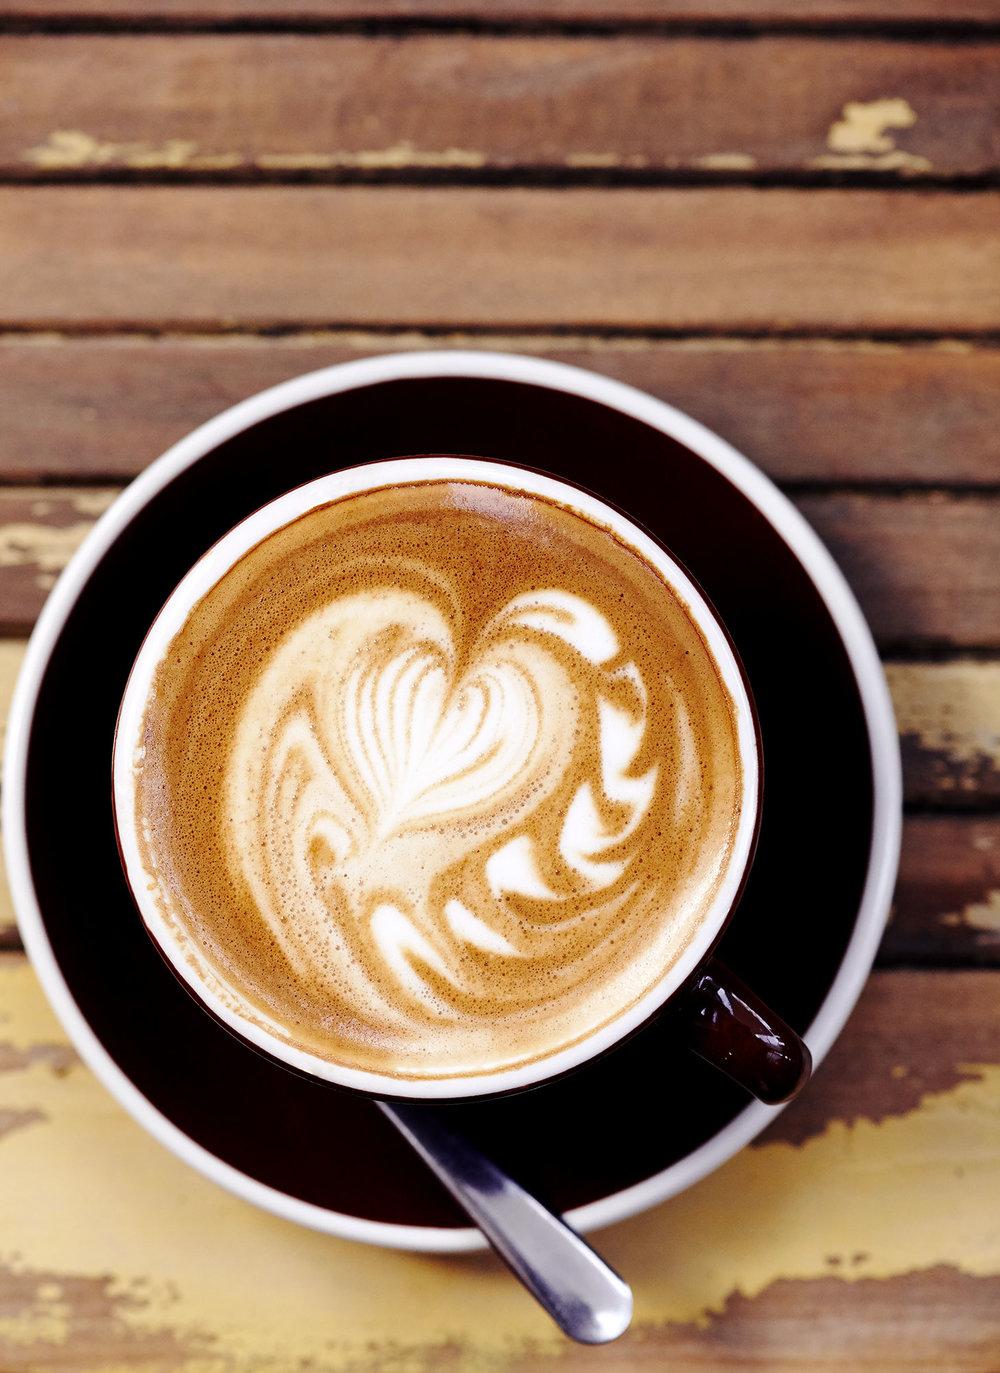 12R_151031-PM-LVILLE-6540-cafe-crops.jpg